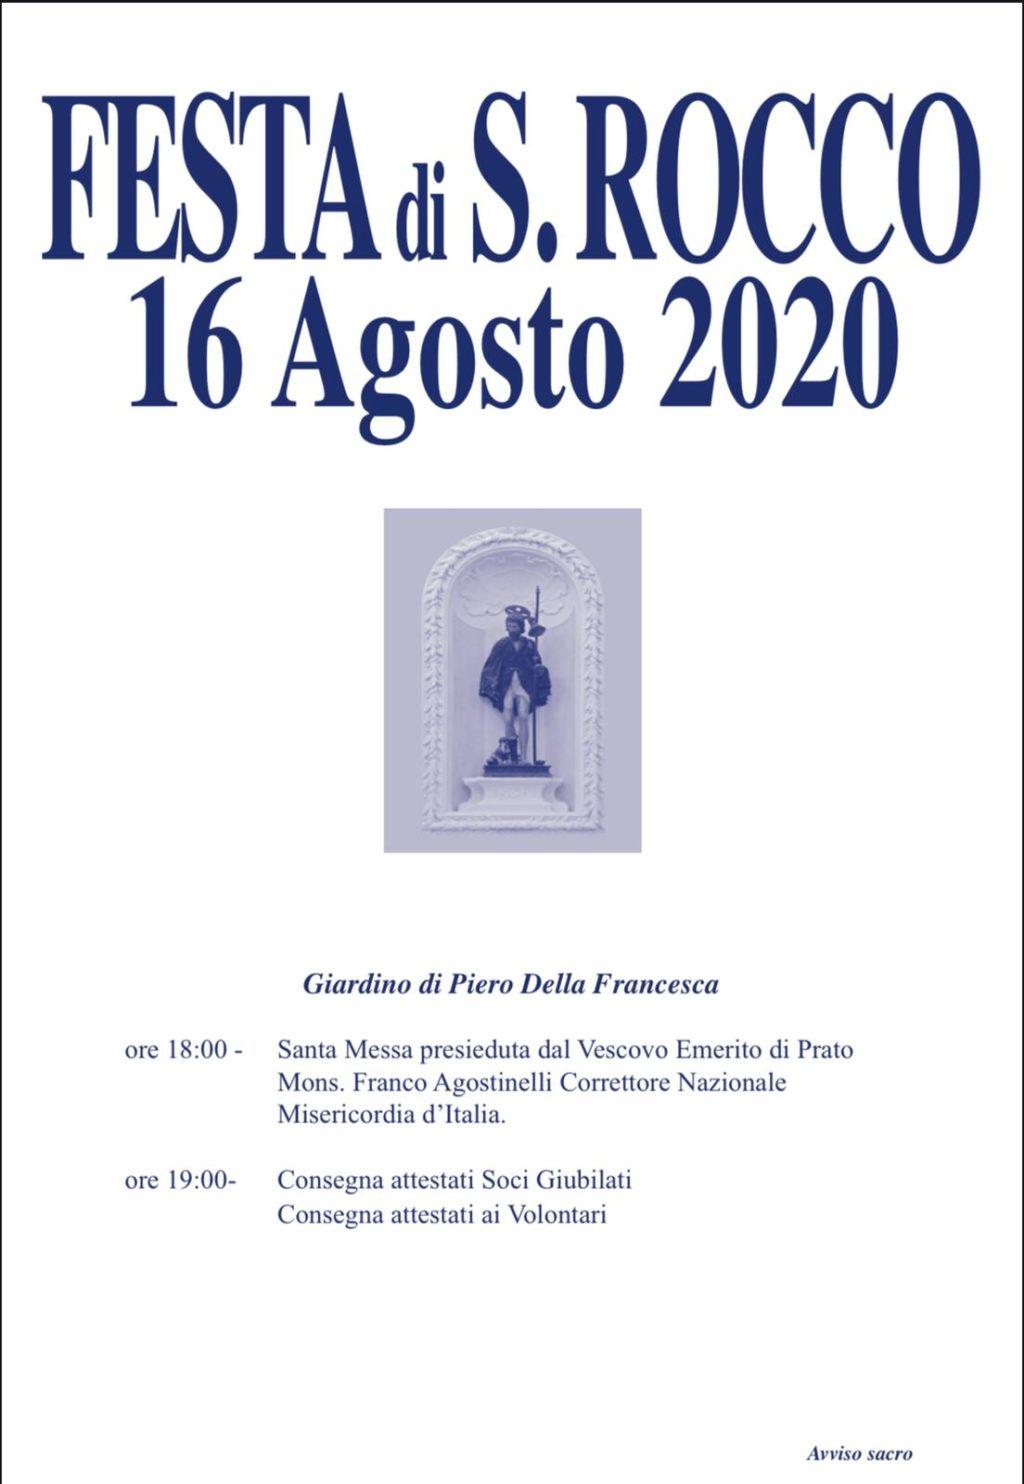 Festa S.Rocco 16 agosto 2020